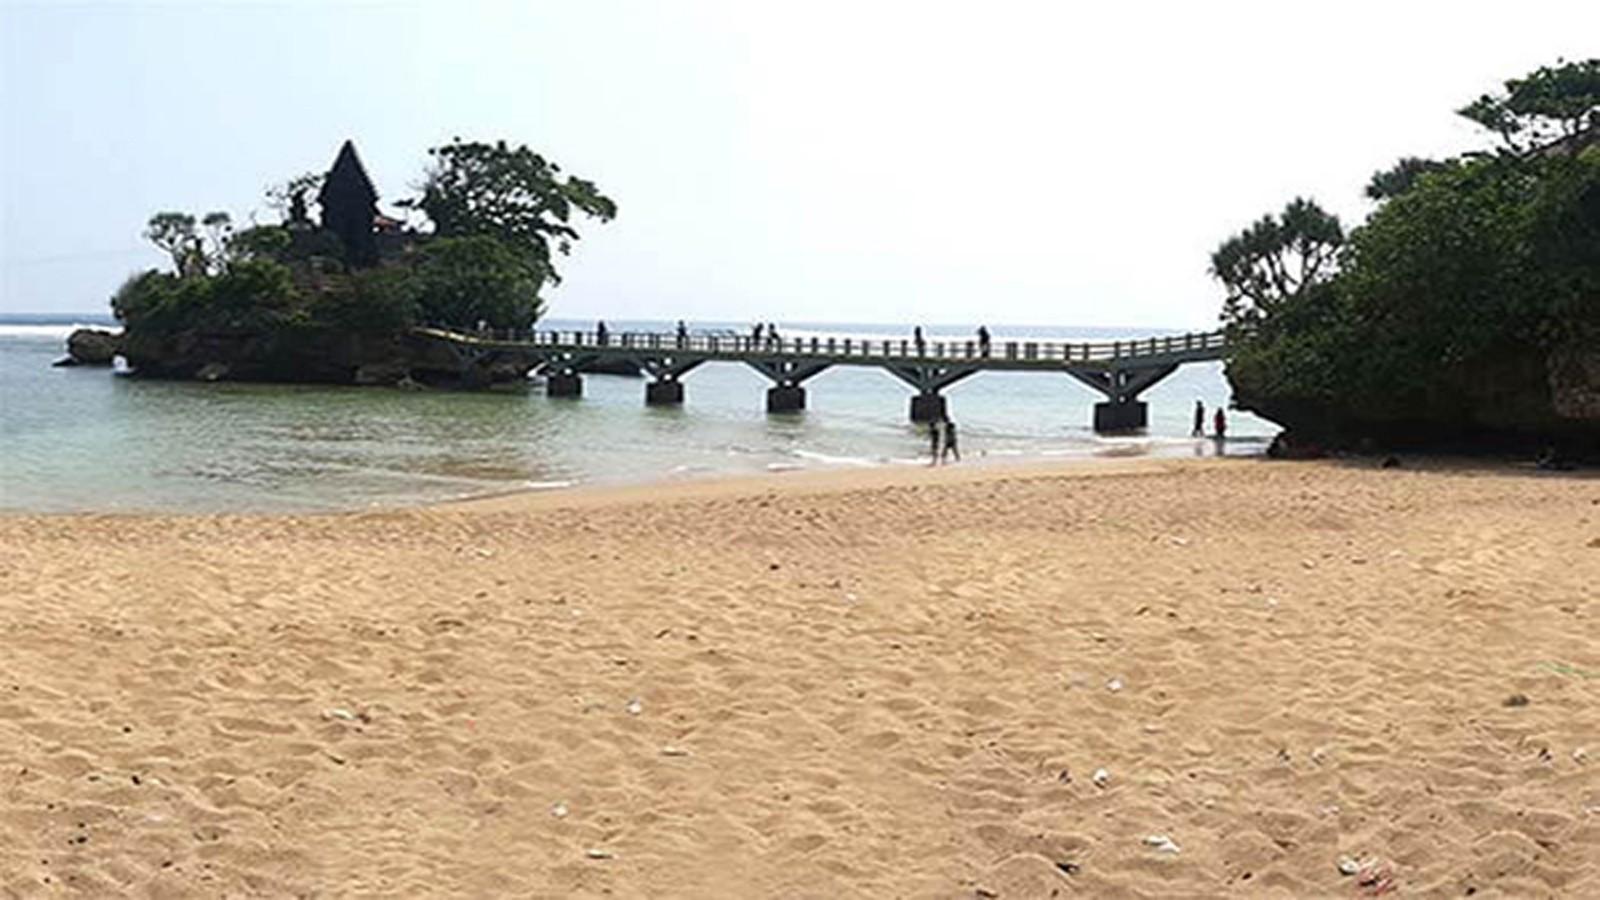 Balekambang Beach tour in Malang